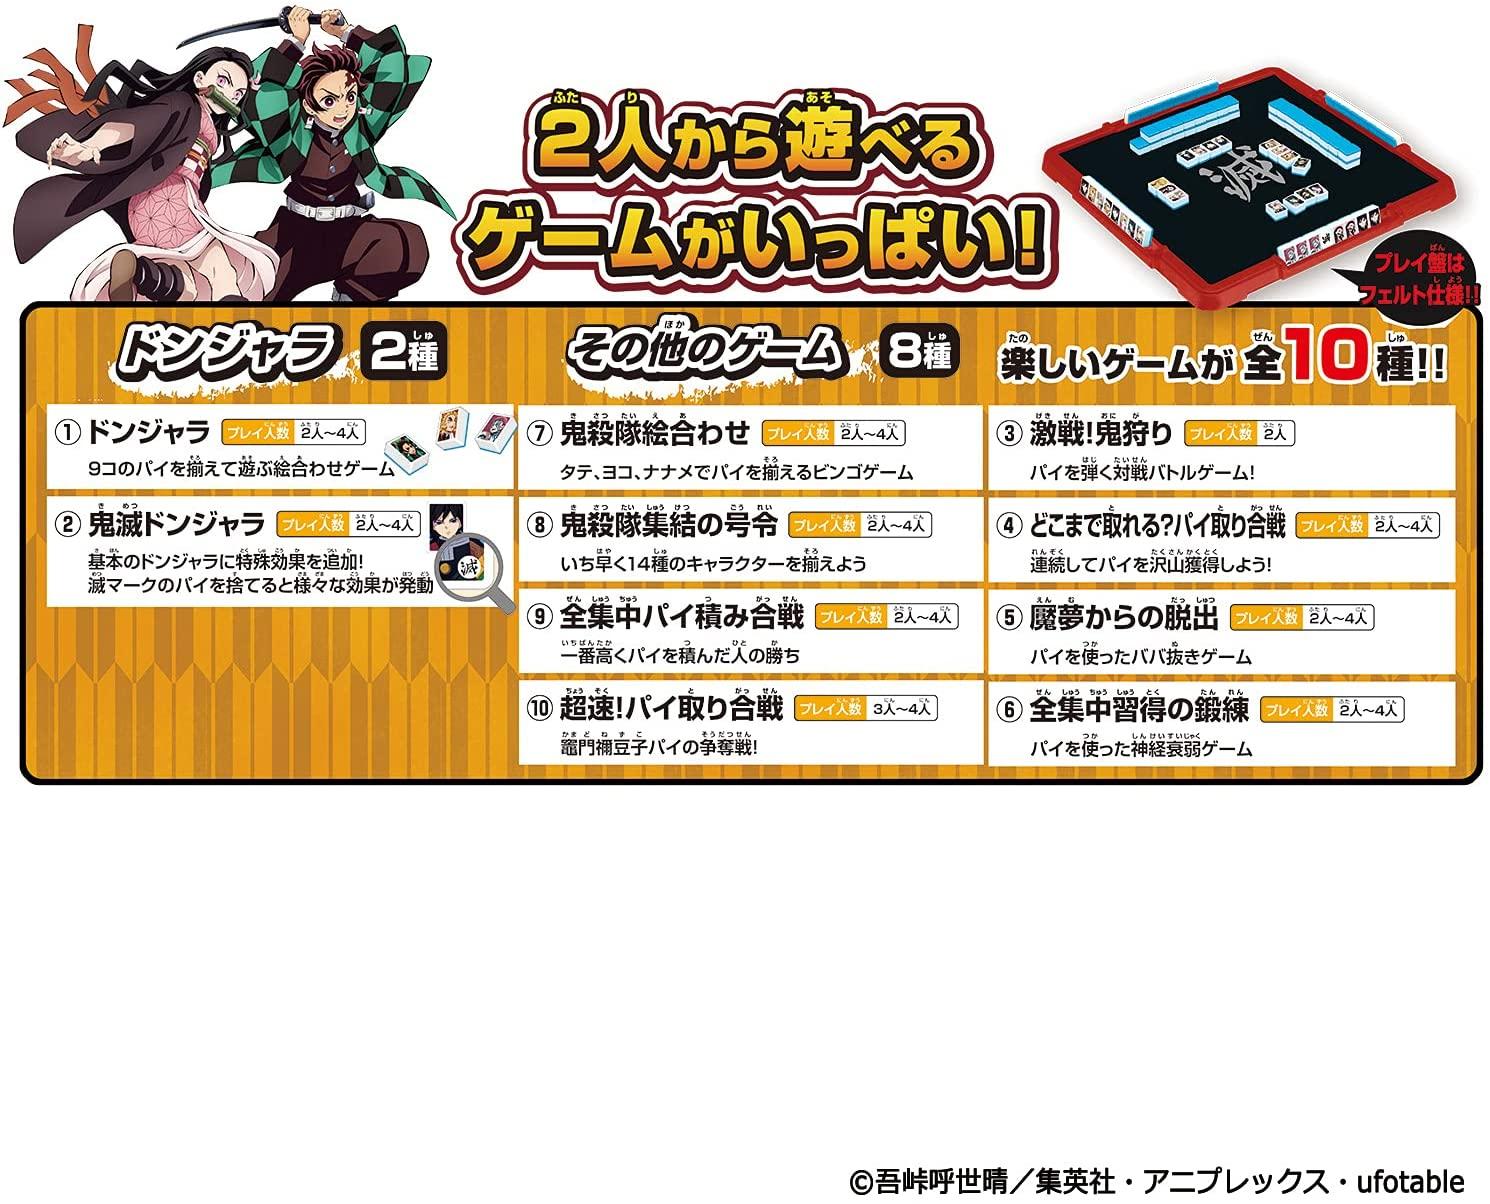 鬼滅の刃『ドンジャラ鬼滅の刃2』ボードゲーム-005